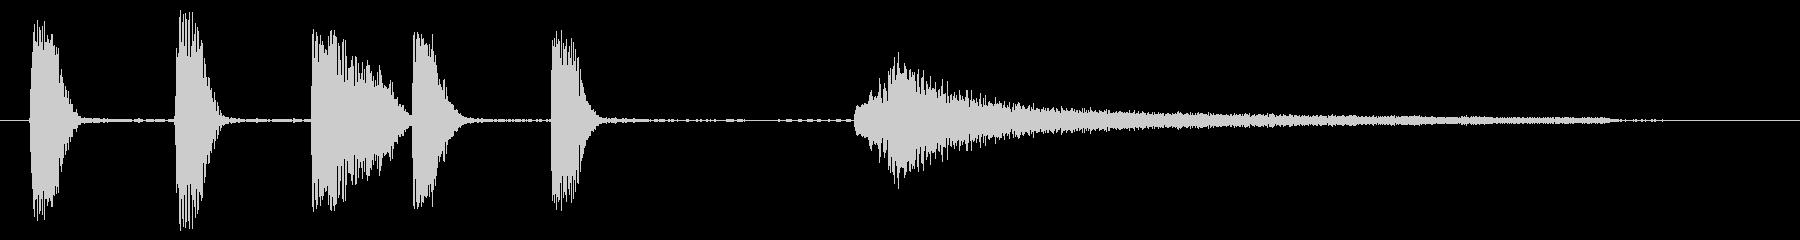 短いピアノサウンドロゴ_エンディング用にの未再生の波形